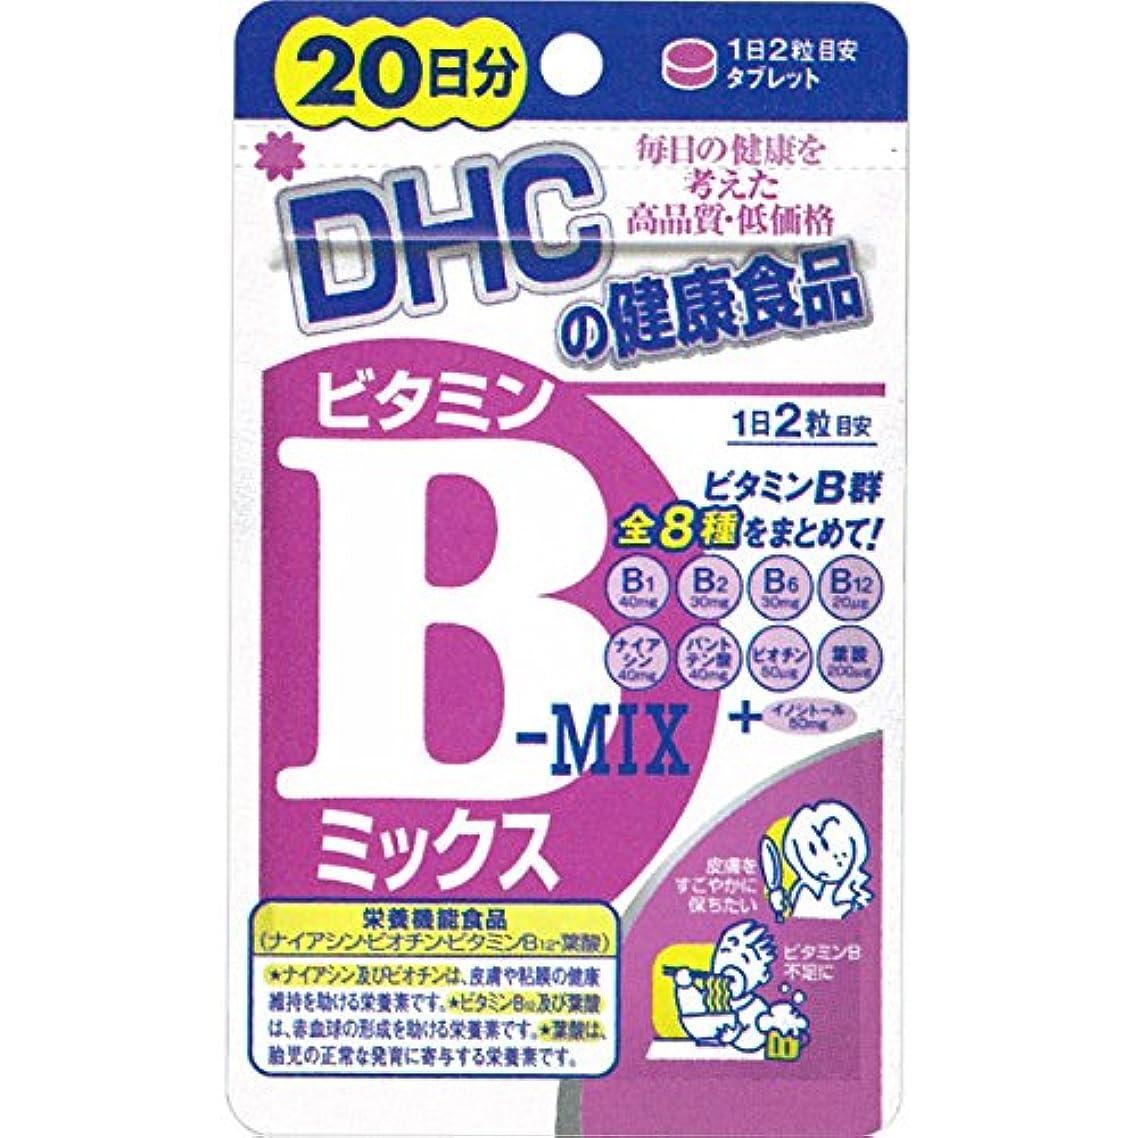 蓄積する閉塞補正DHC(ディーエイチシー) サプリメント DHC ビタミンB MIX 20日分